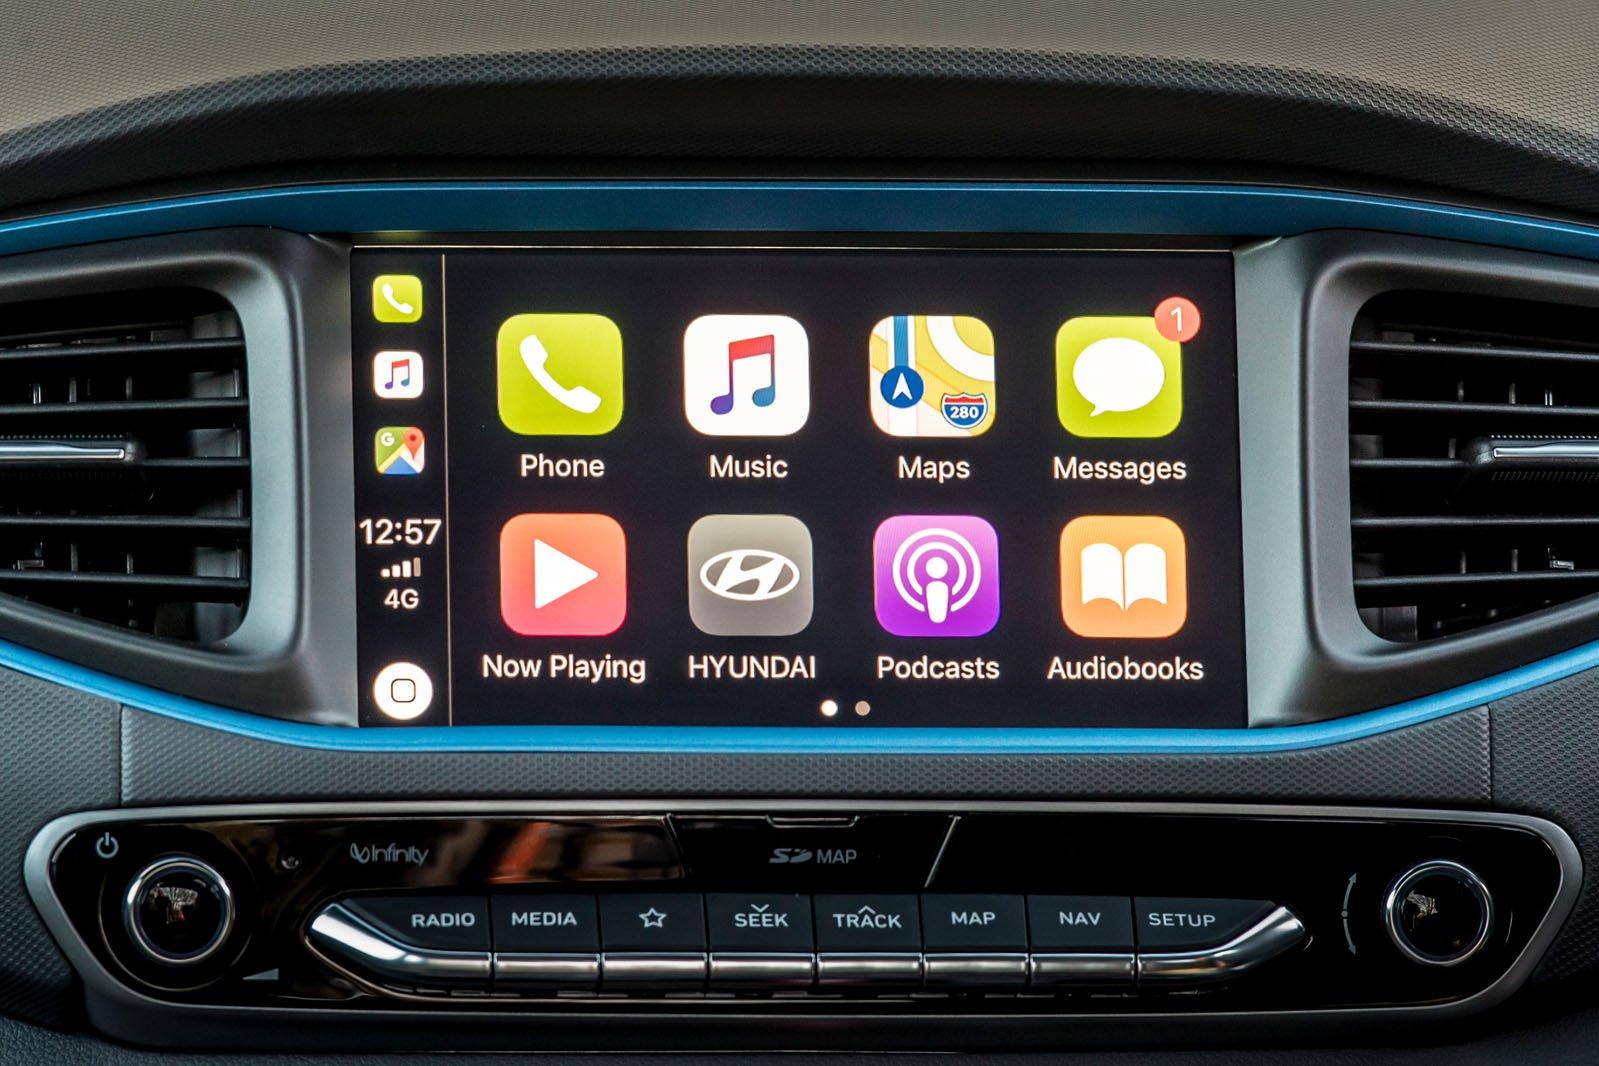 Hyundai Ioniq 2018 infotainment